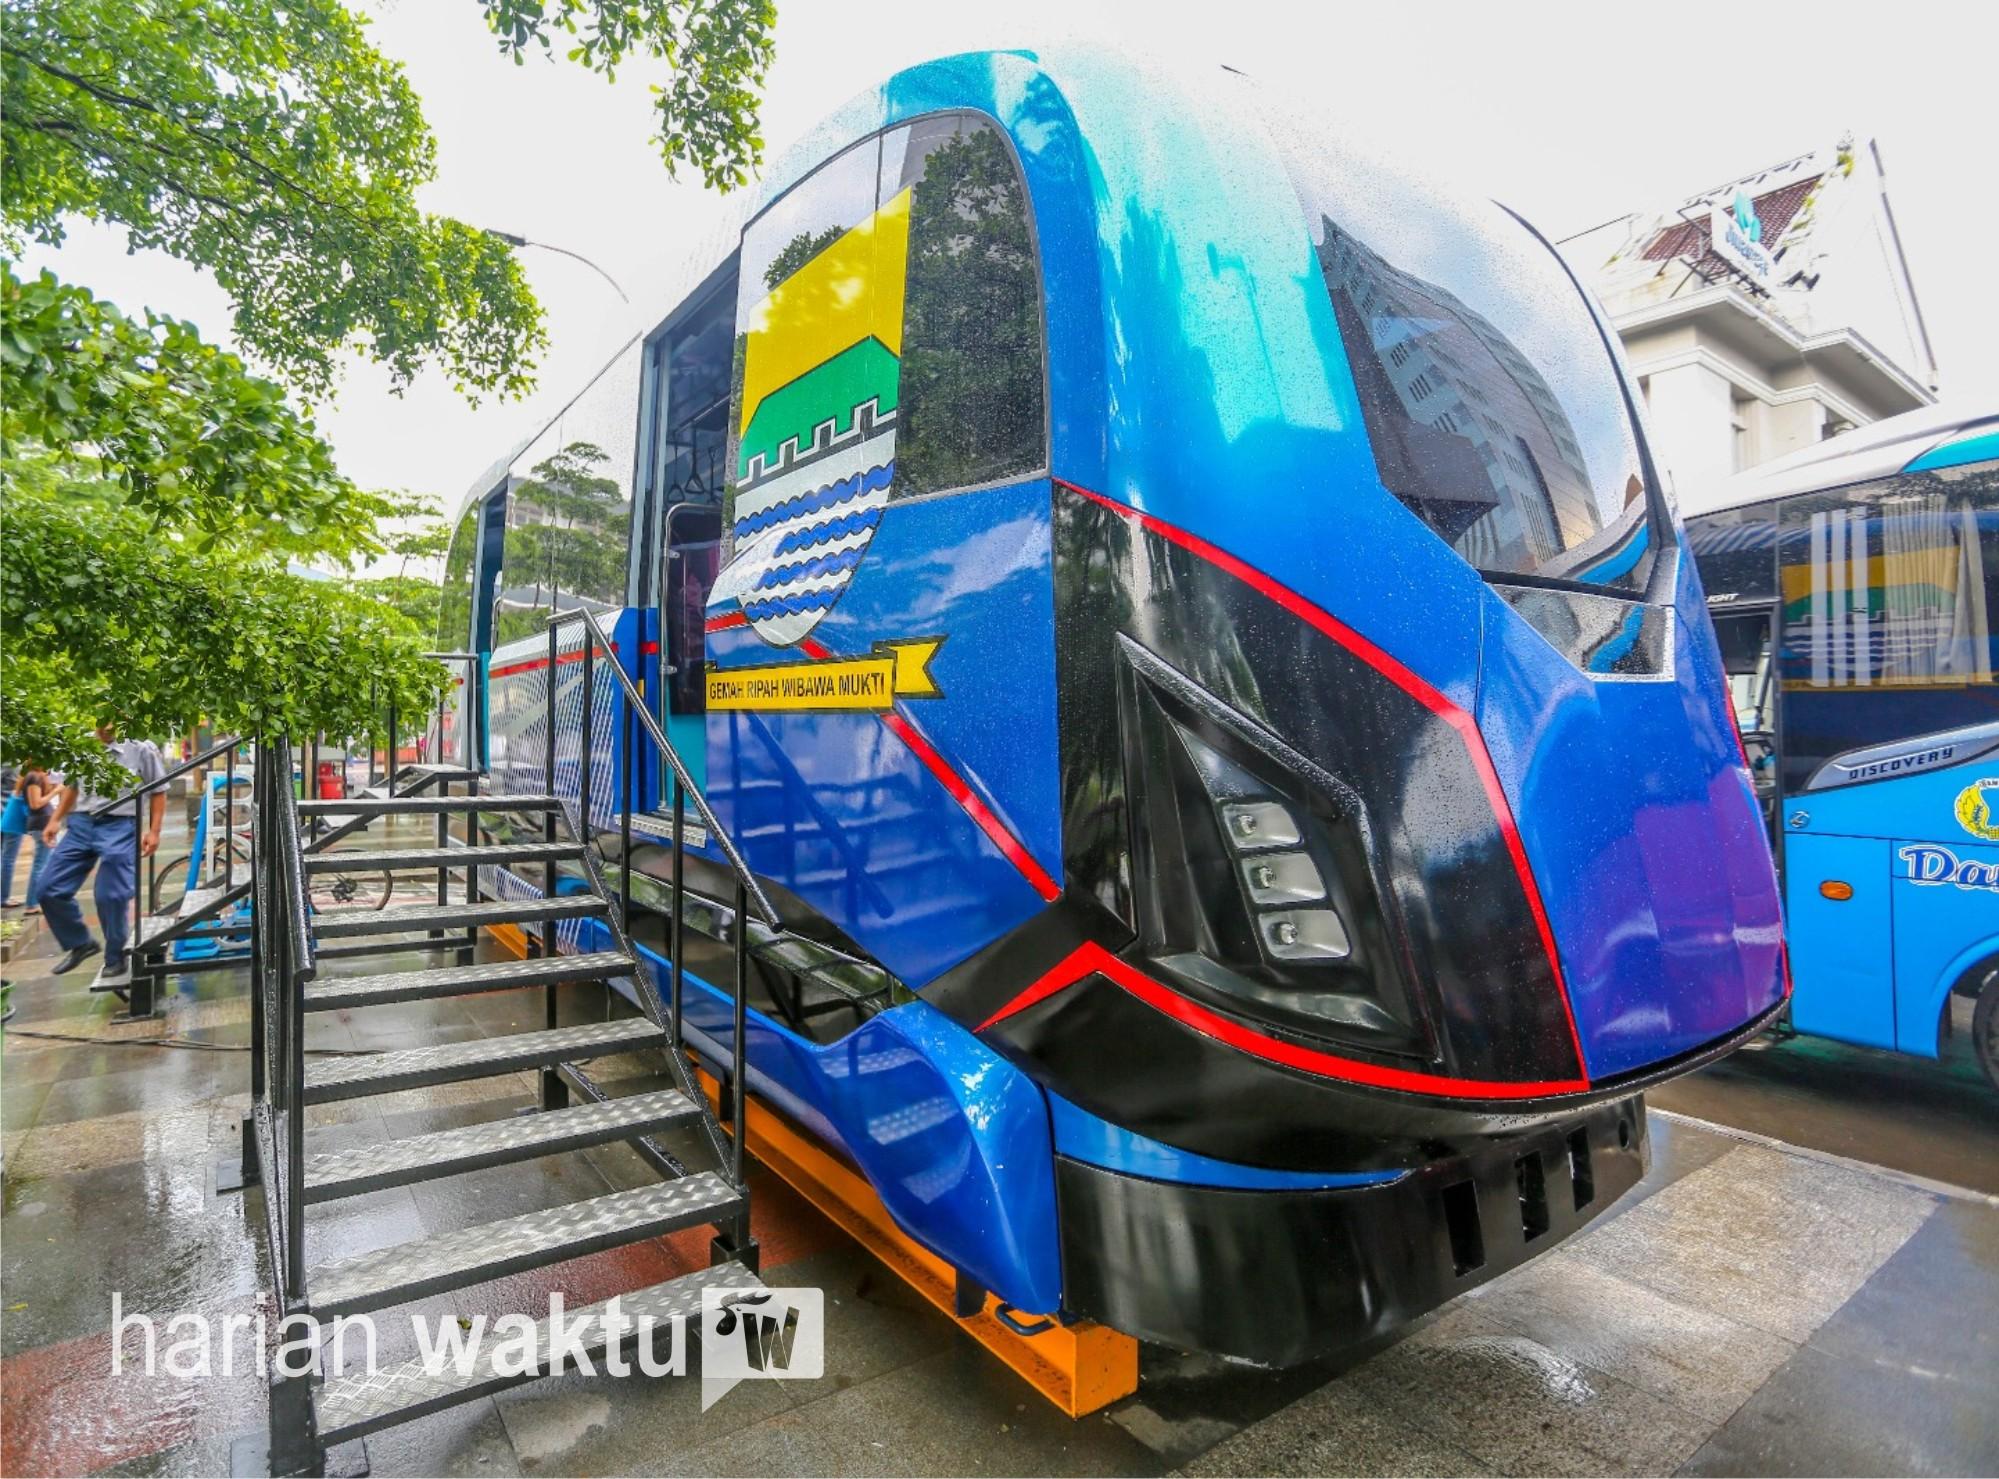 Mimpi Urang Bandung Segera Terwujud Prototipe Metro Kapsul Dipajang Pembangunannya